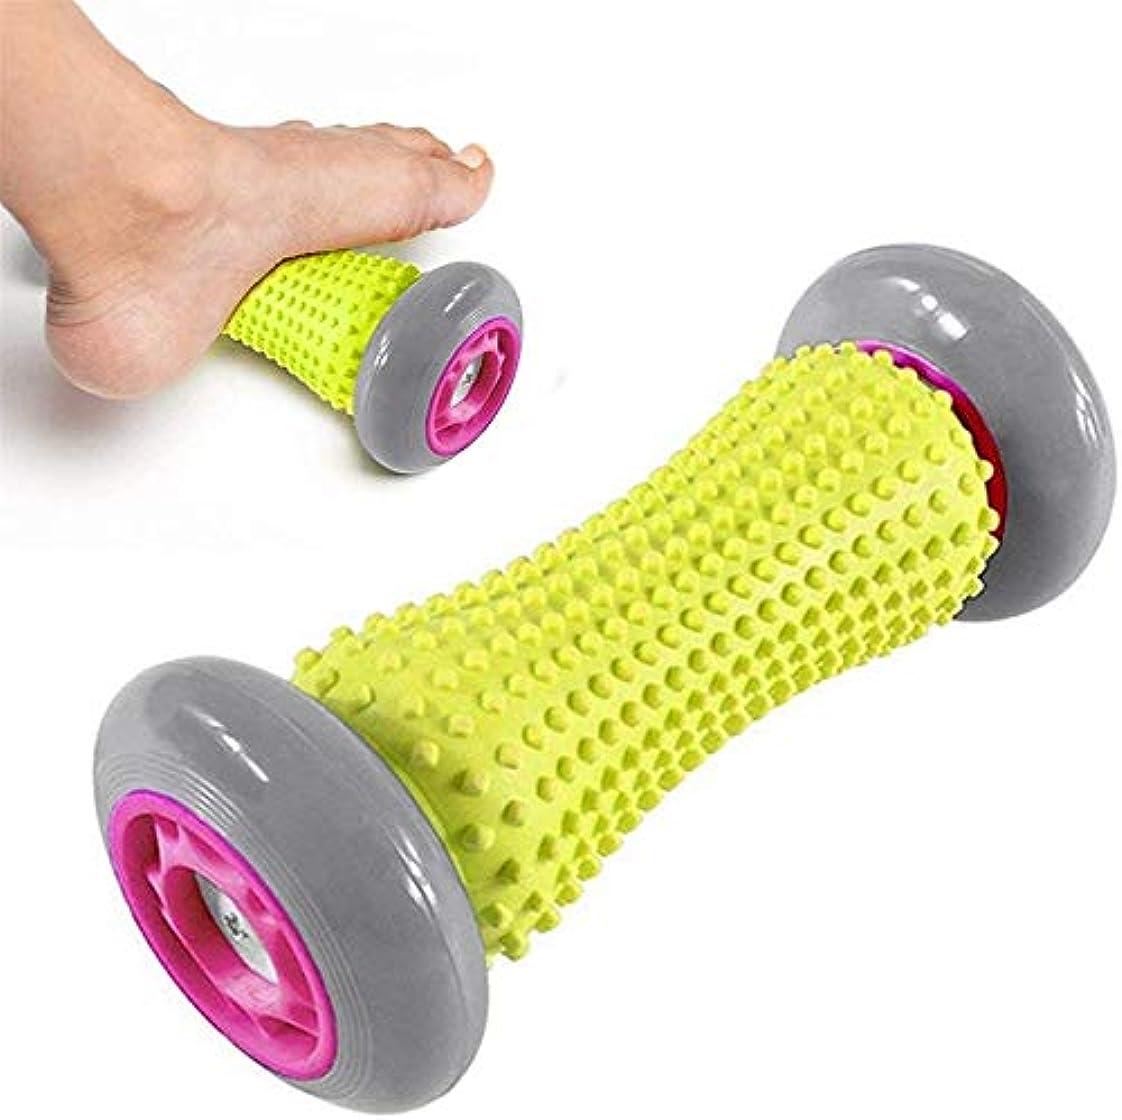 警報喜びデータフットマッサージローラー、リラクゼーションとストレス軽減のために足のアーチの痛みと足底筋膜炎の筋肉ローラースティック、指圧リフレクソロジーツールを和らげます